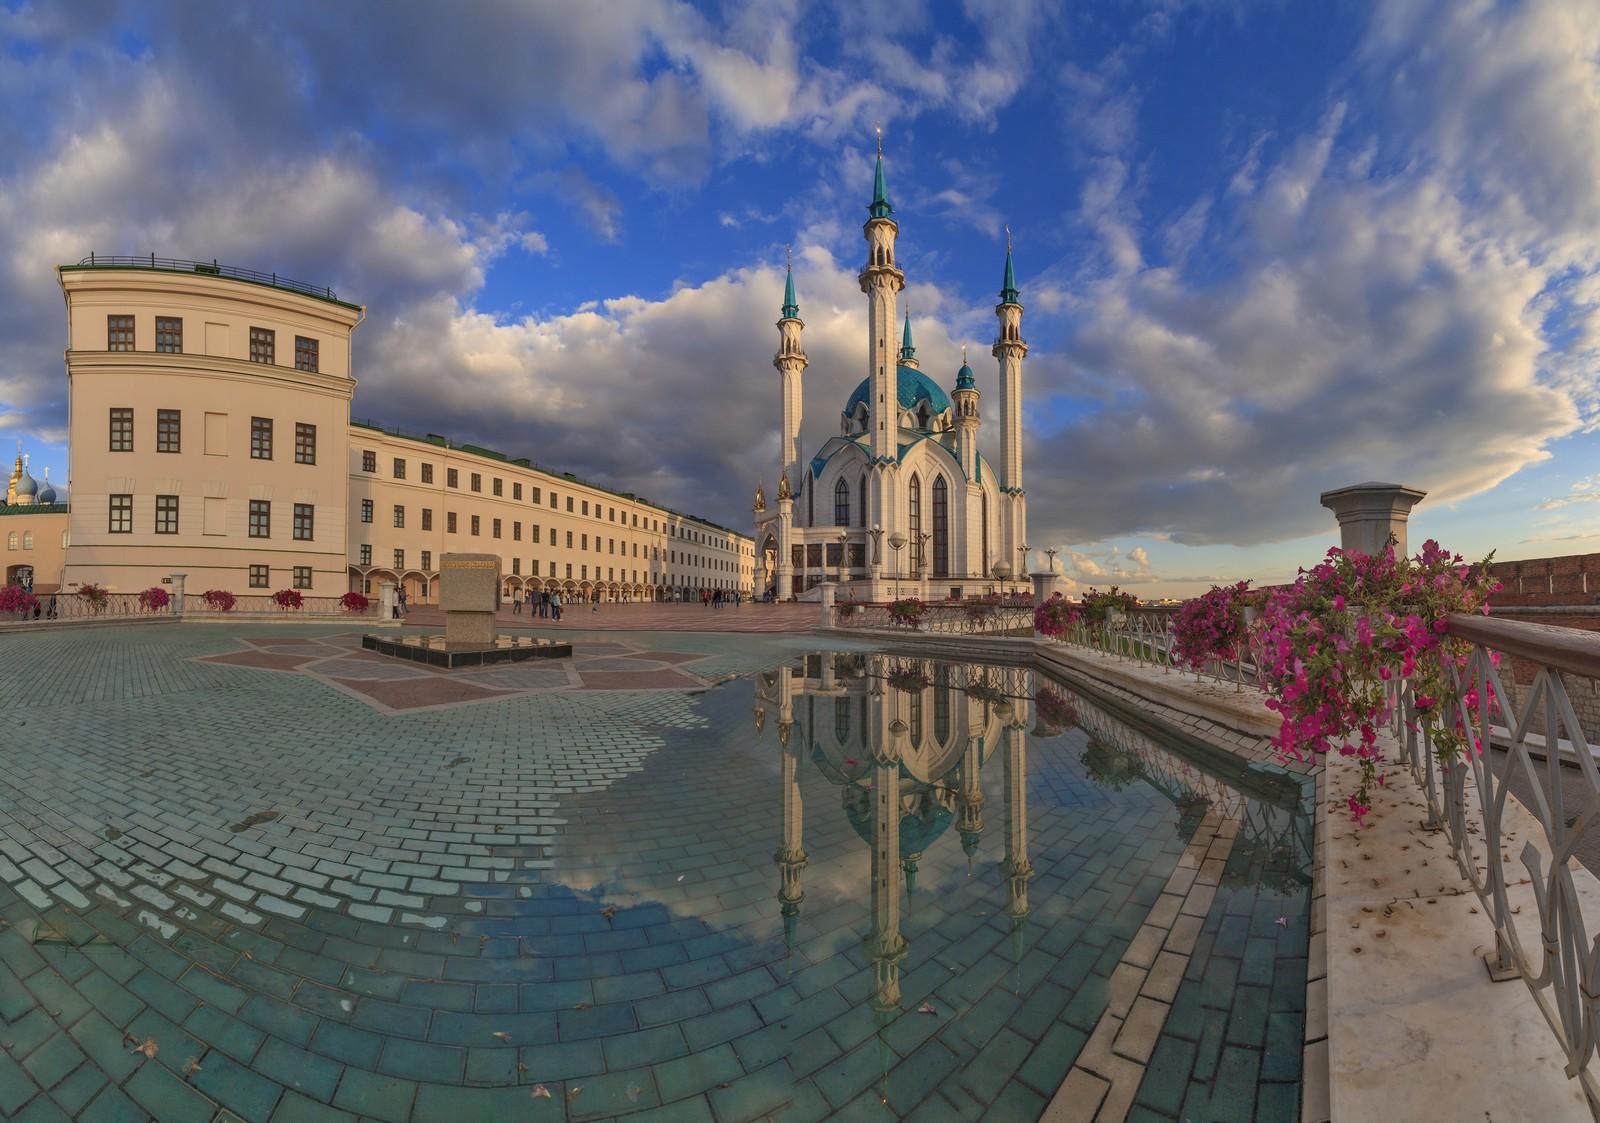 Мечеть Кул-Шариф и бывшее юнкерское училище